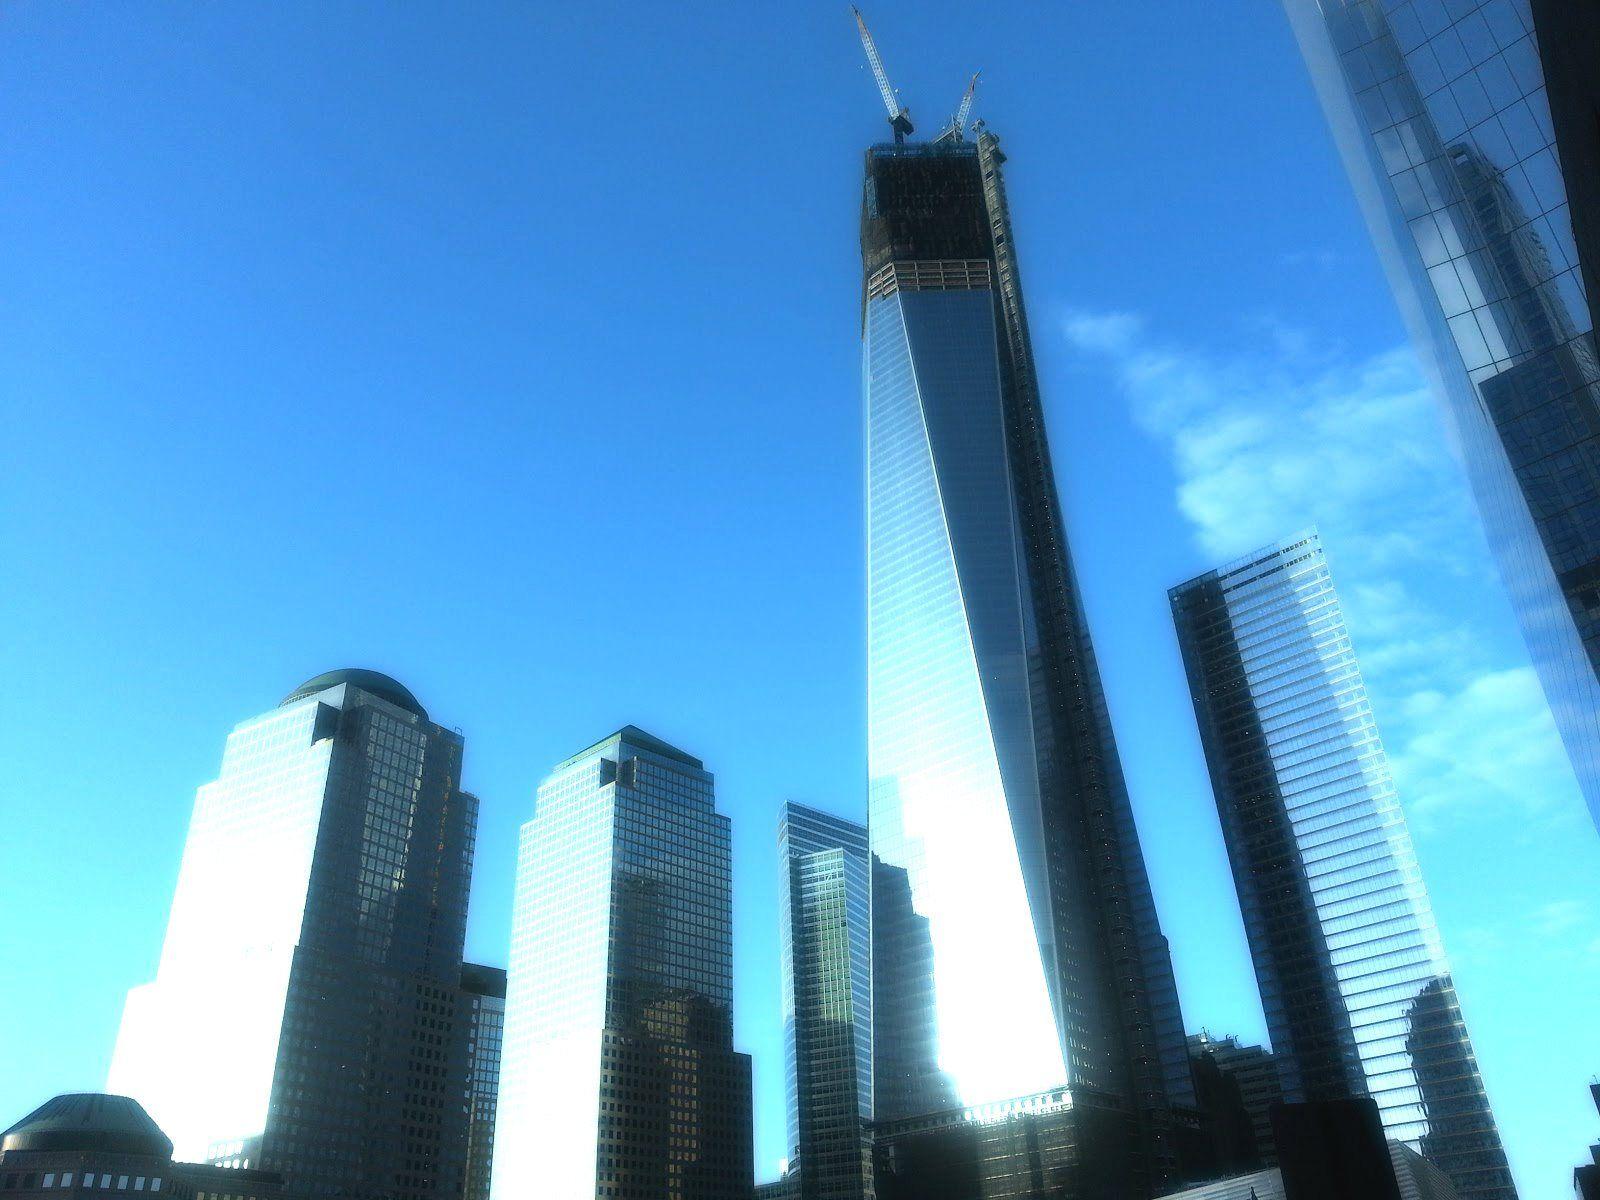 l'editoriale di Bansky che critica il complesso in costruzione a Ground Zero http://tuttacronaca.wordpress.com/2013/10/29/larticolo-di-bansky-che-il-new-york-times-non-pubblica/